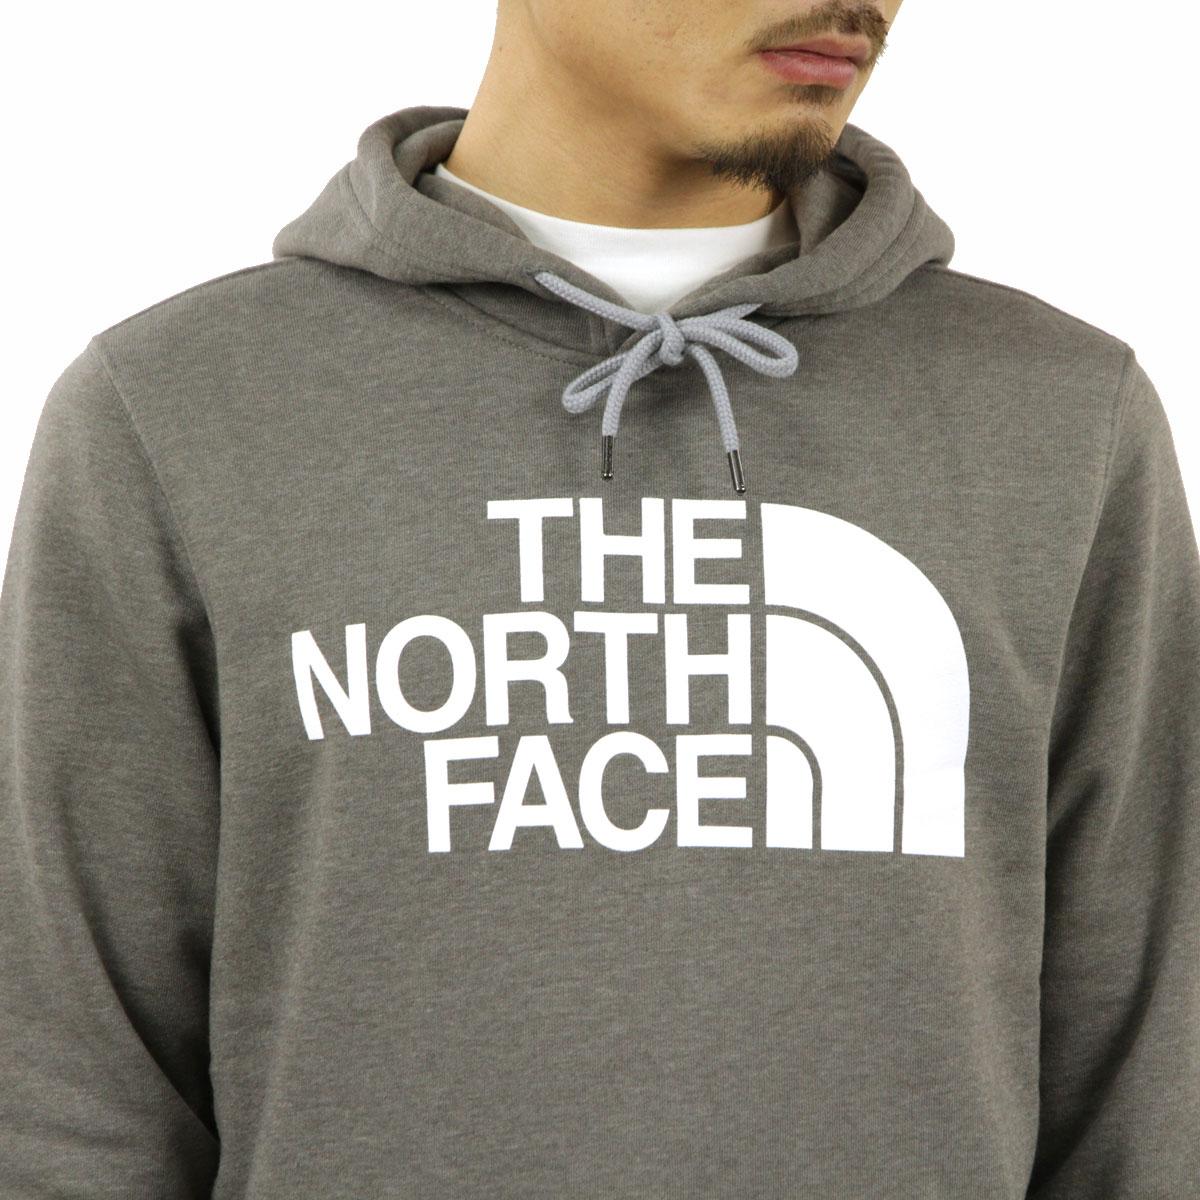 ノースフェイス パーカー メンズ 正規品 THE NORTH FACE プルオーバーパーカー ロゴ THE NORTH FACE M HALF DOME PULLOVER HOODIE TNF MEDIUM GREY HEATHER NF0A4M4B A14B B1C C1D D5E E02F ホワイトデー 2021 ラッピング無料